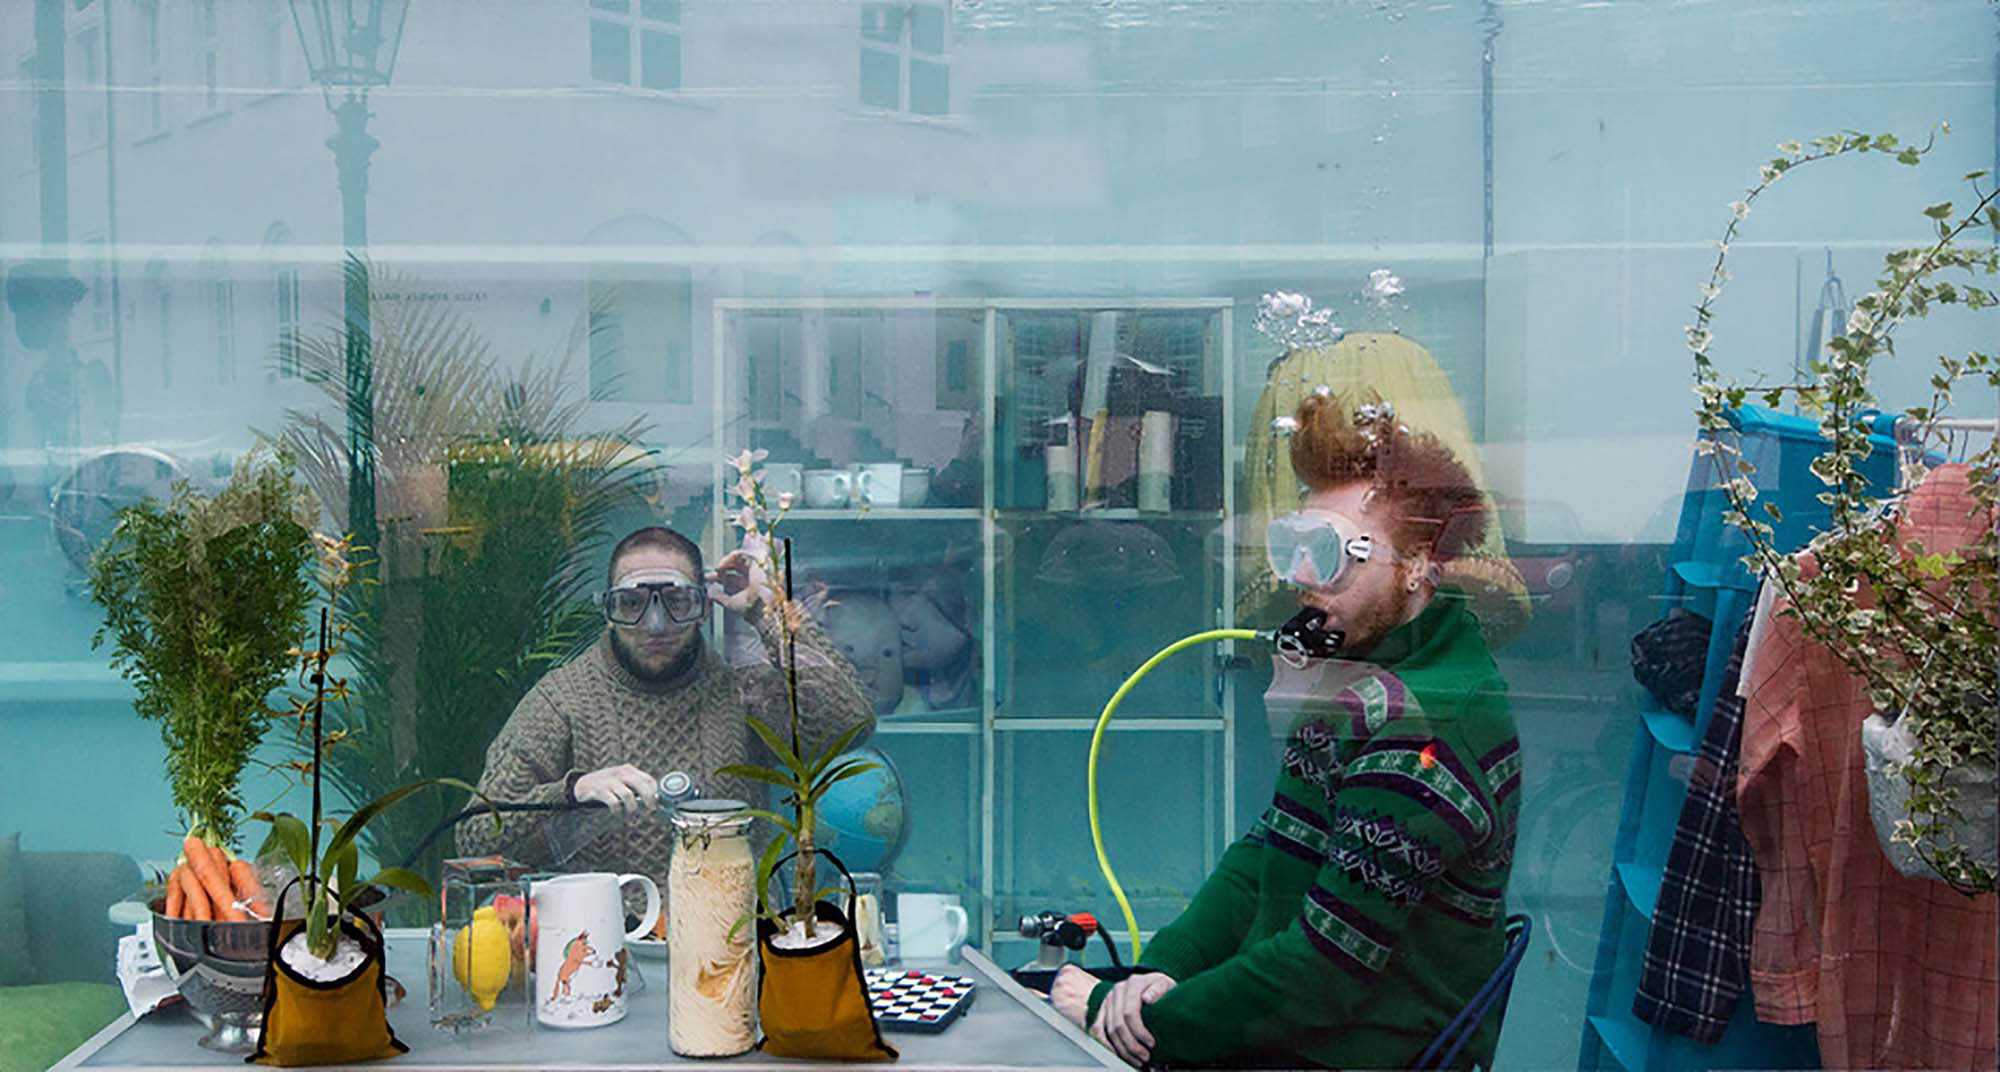 Unterwasserlebensentwurf, exhibition view, 2018